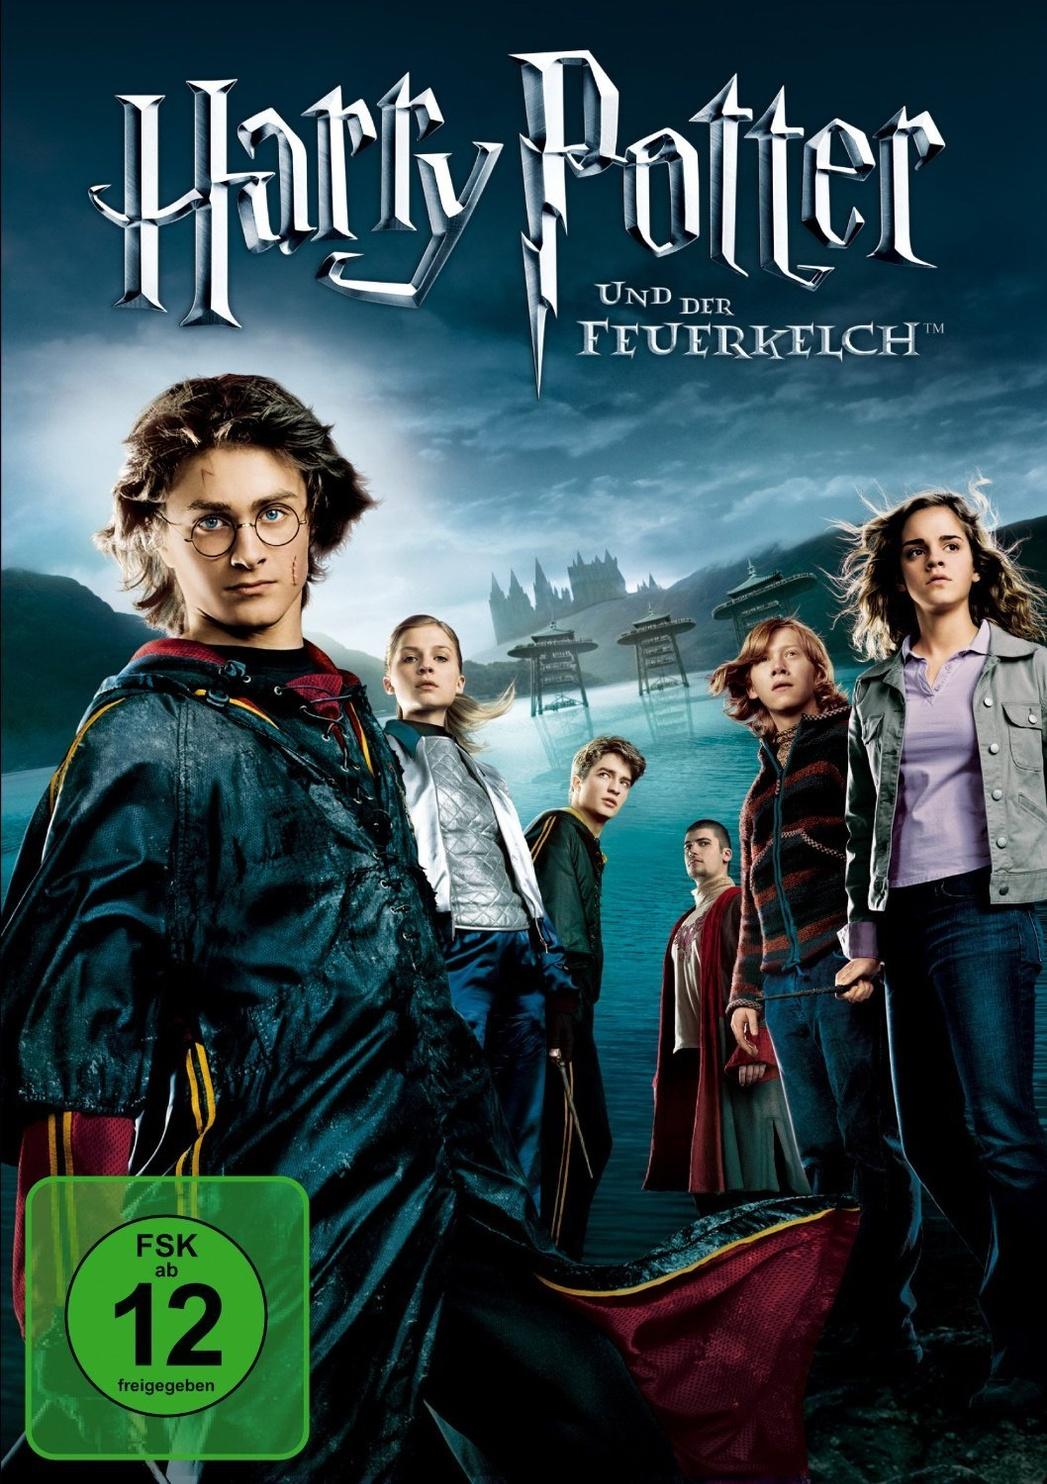 Harry Potter Und Der Feuerkelch Dvd Bei Weltbild Ch Bestellen